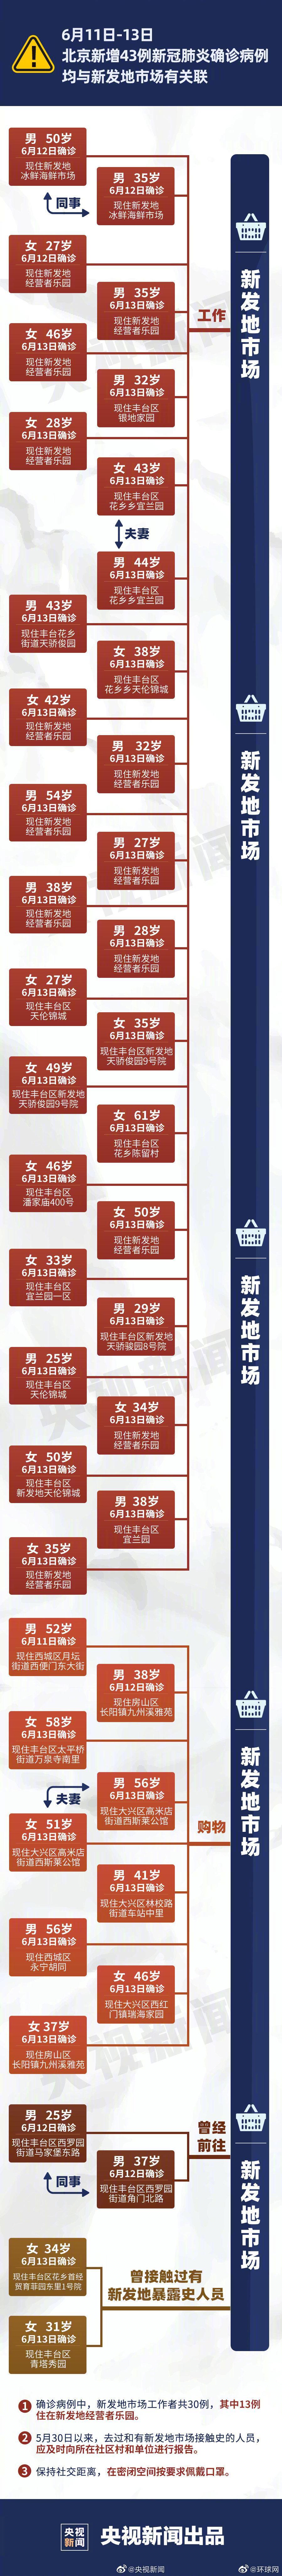 [摩天登录]一图梳理北京新增确摩天登录诊病例详图片